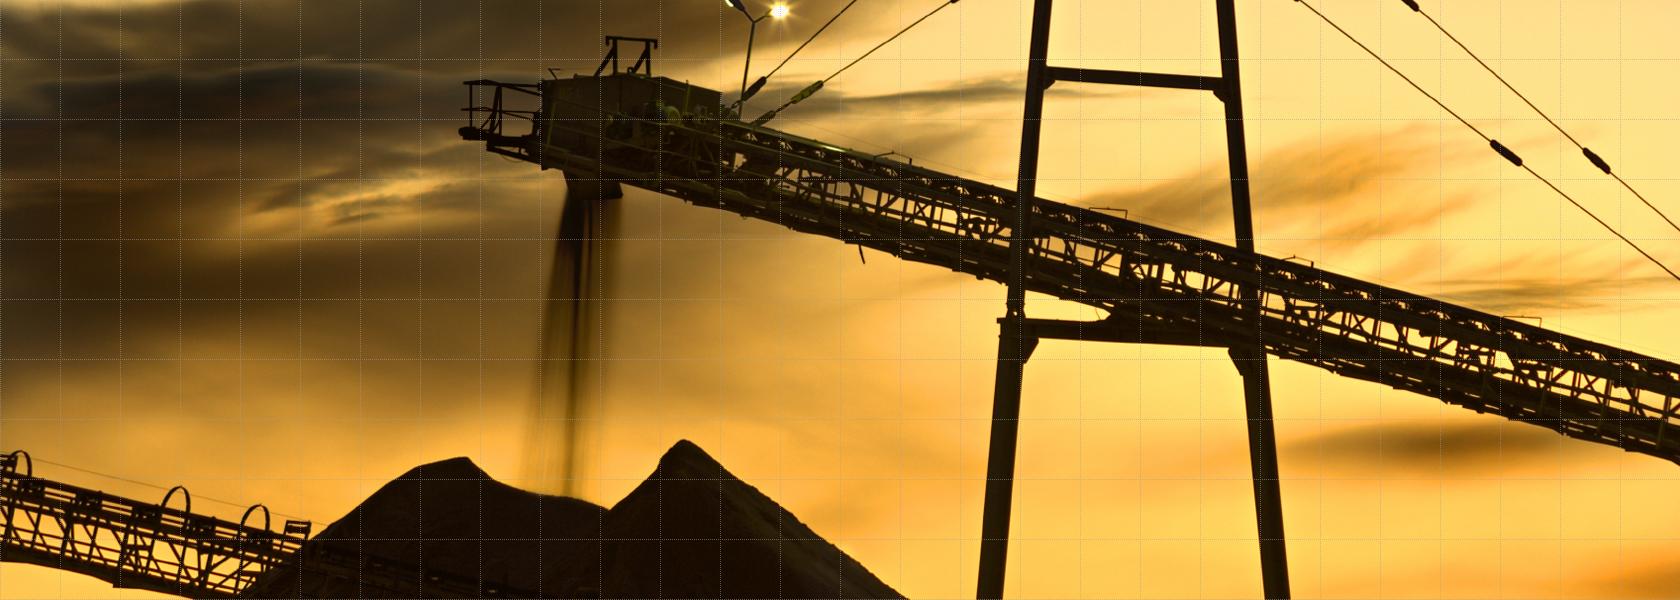 Sliderbild Startseite Volumenstrommessung - Absetzer im Tagebau